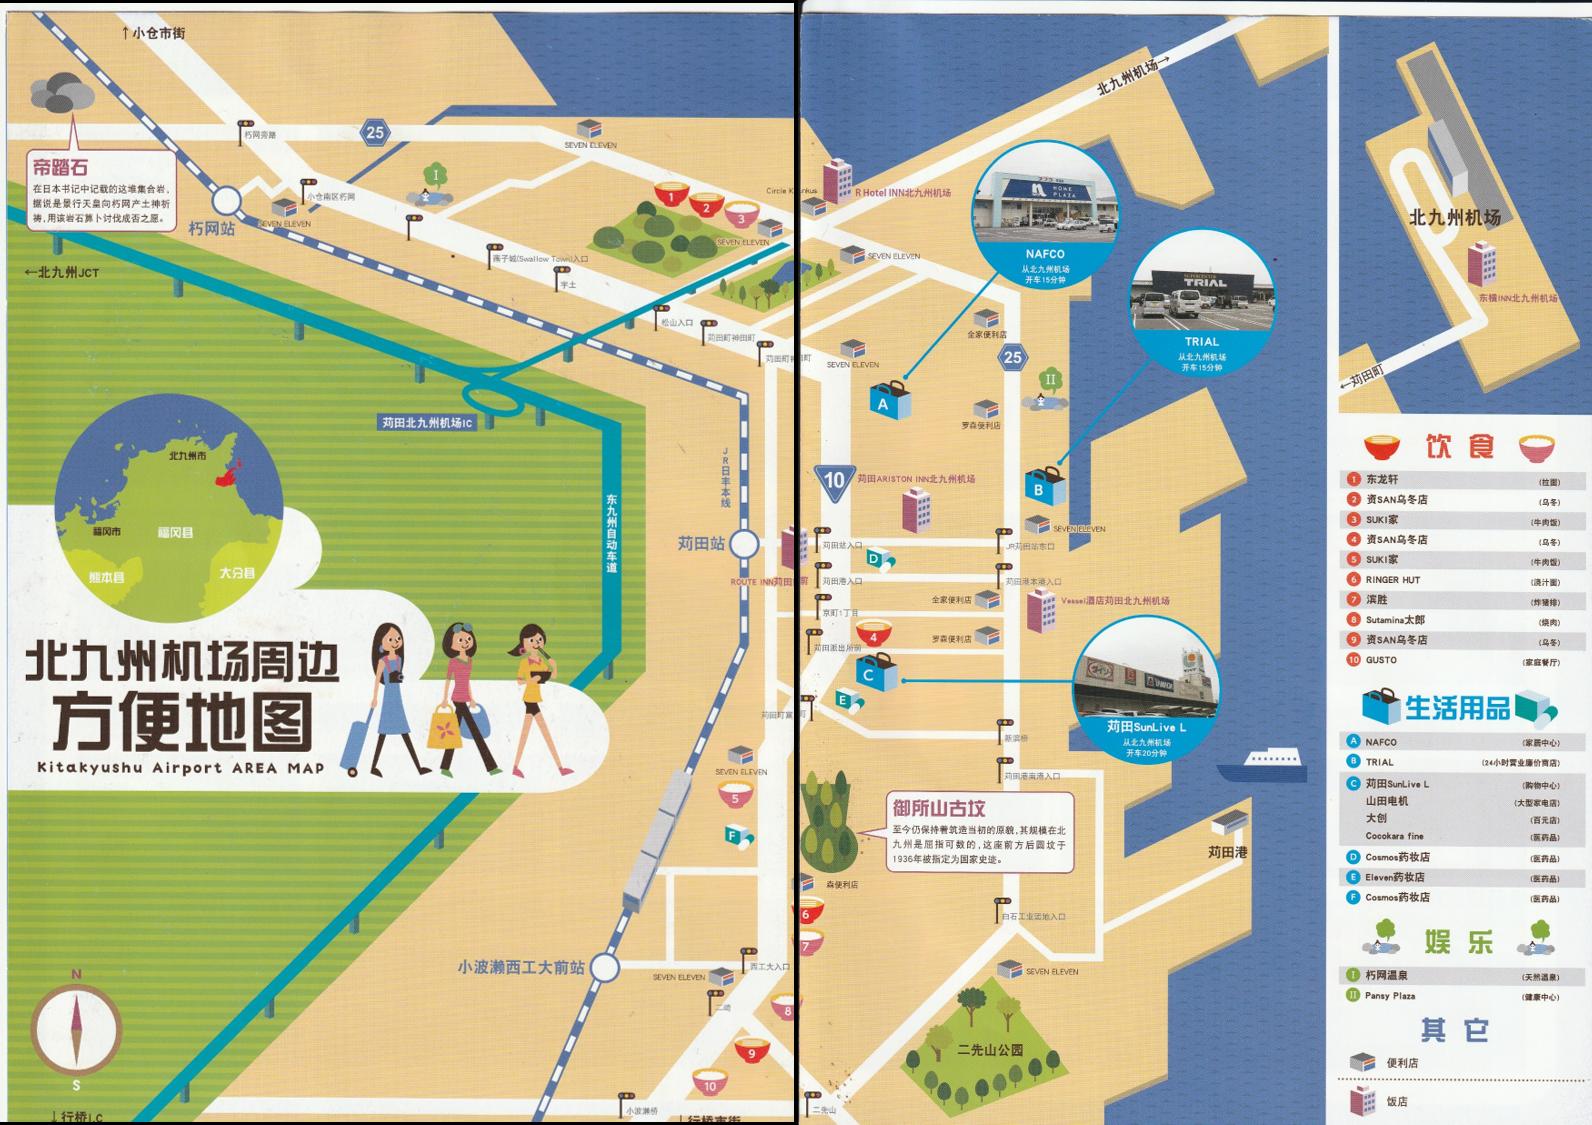 ▲北九州機場周邊地圖,圖片整理擷取自:北九州機場航站株式會社